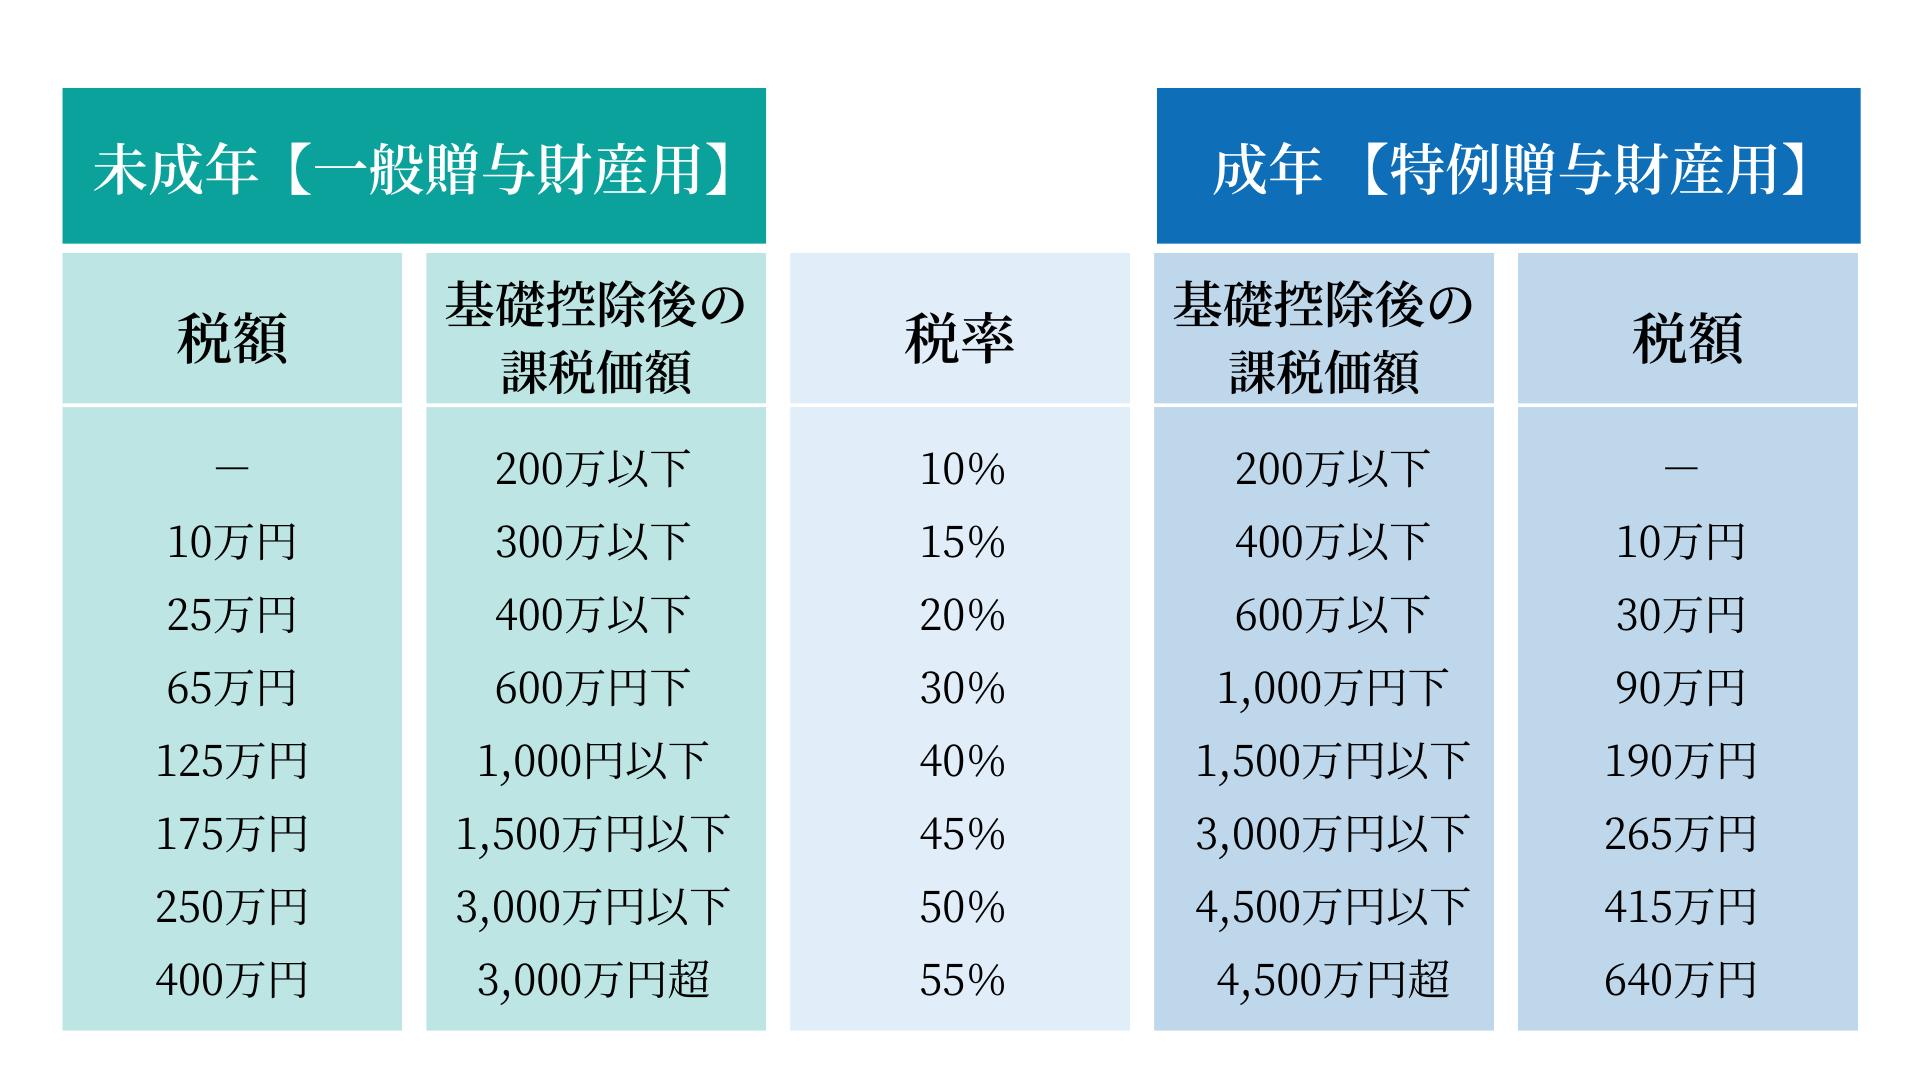 贈与税の早見表。未成年か成年かで税率と控除額が異なる